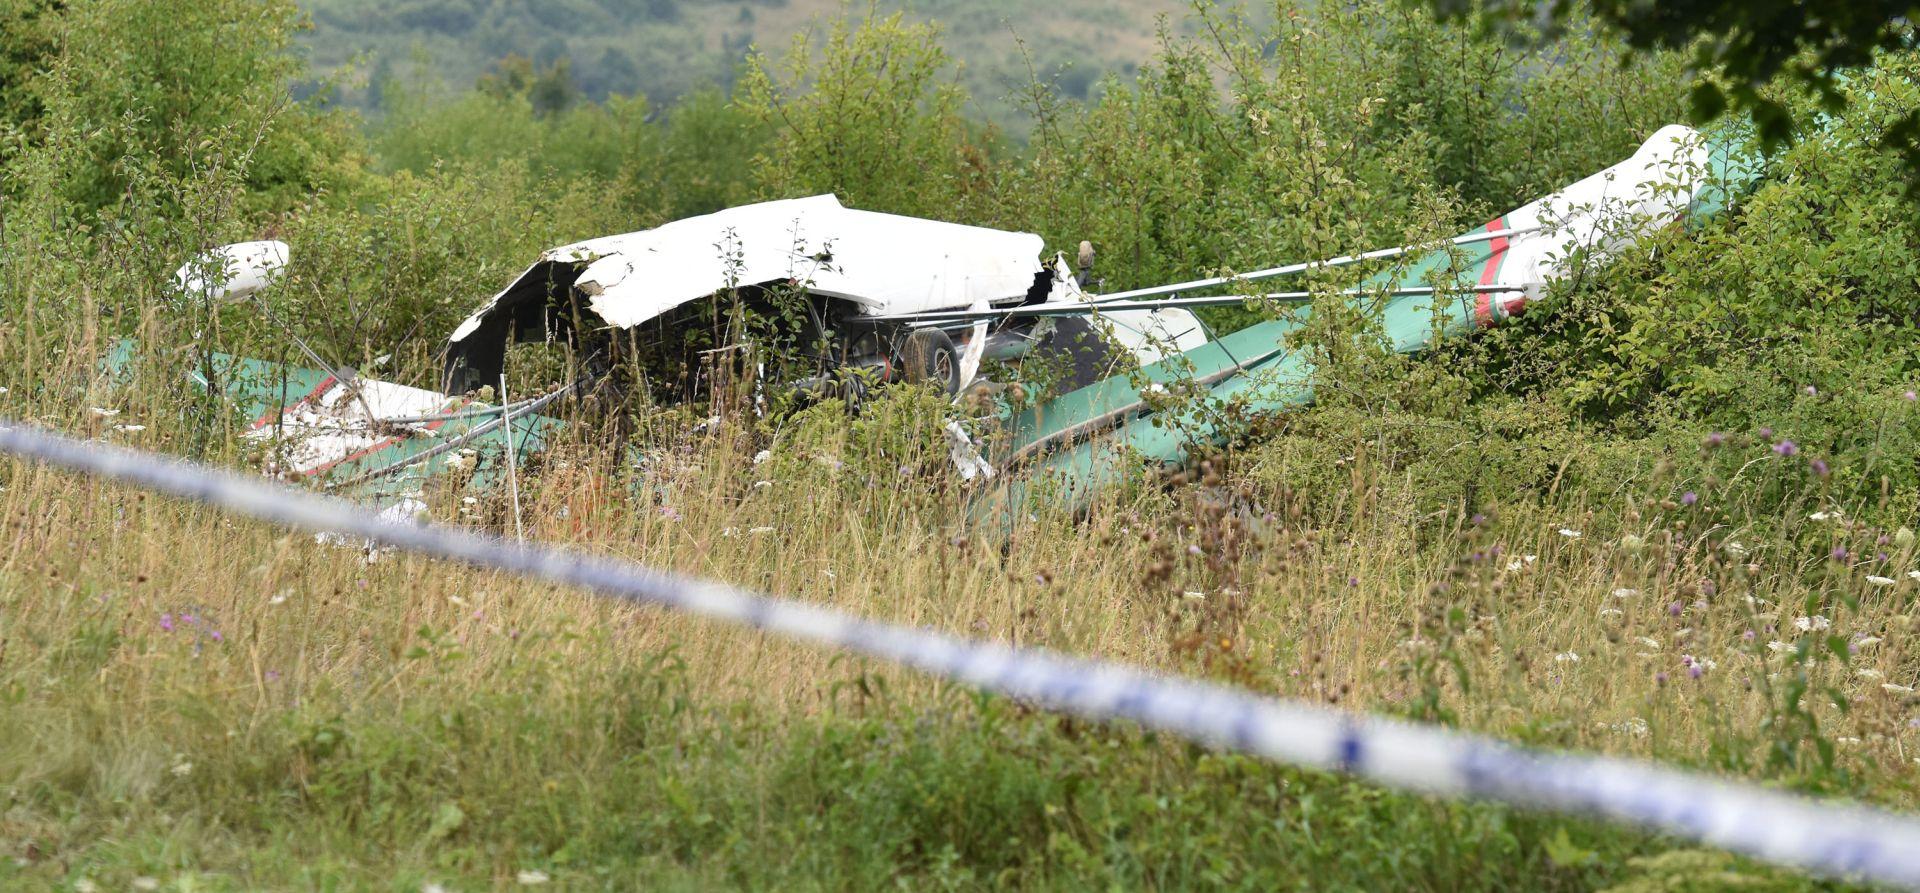 Bucalović: Manje lakih zrakoplova, a više nesreća